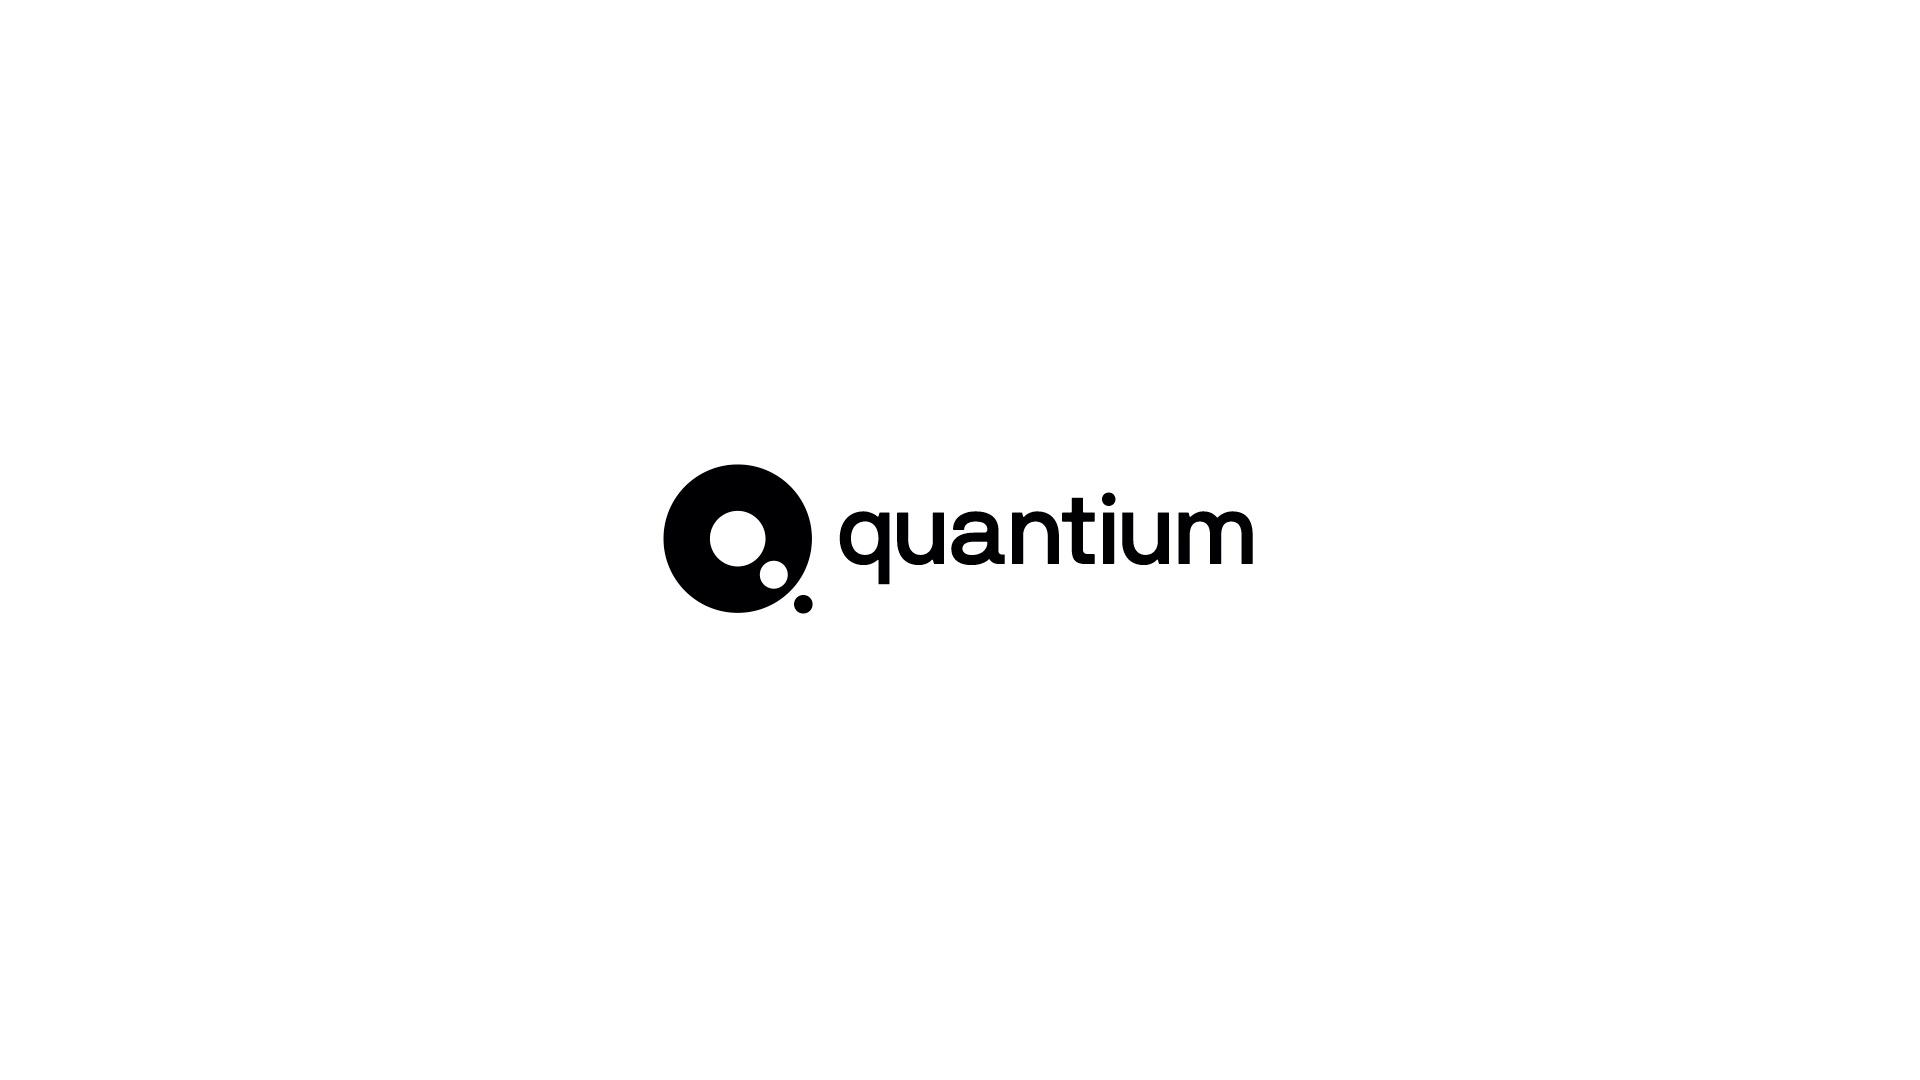 Quantium_Stills_18.jpg